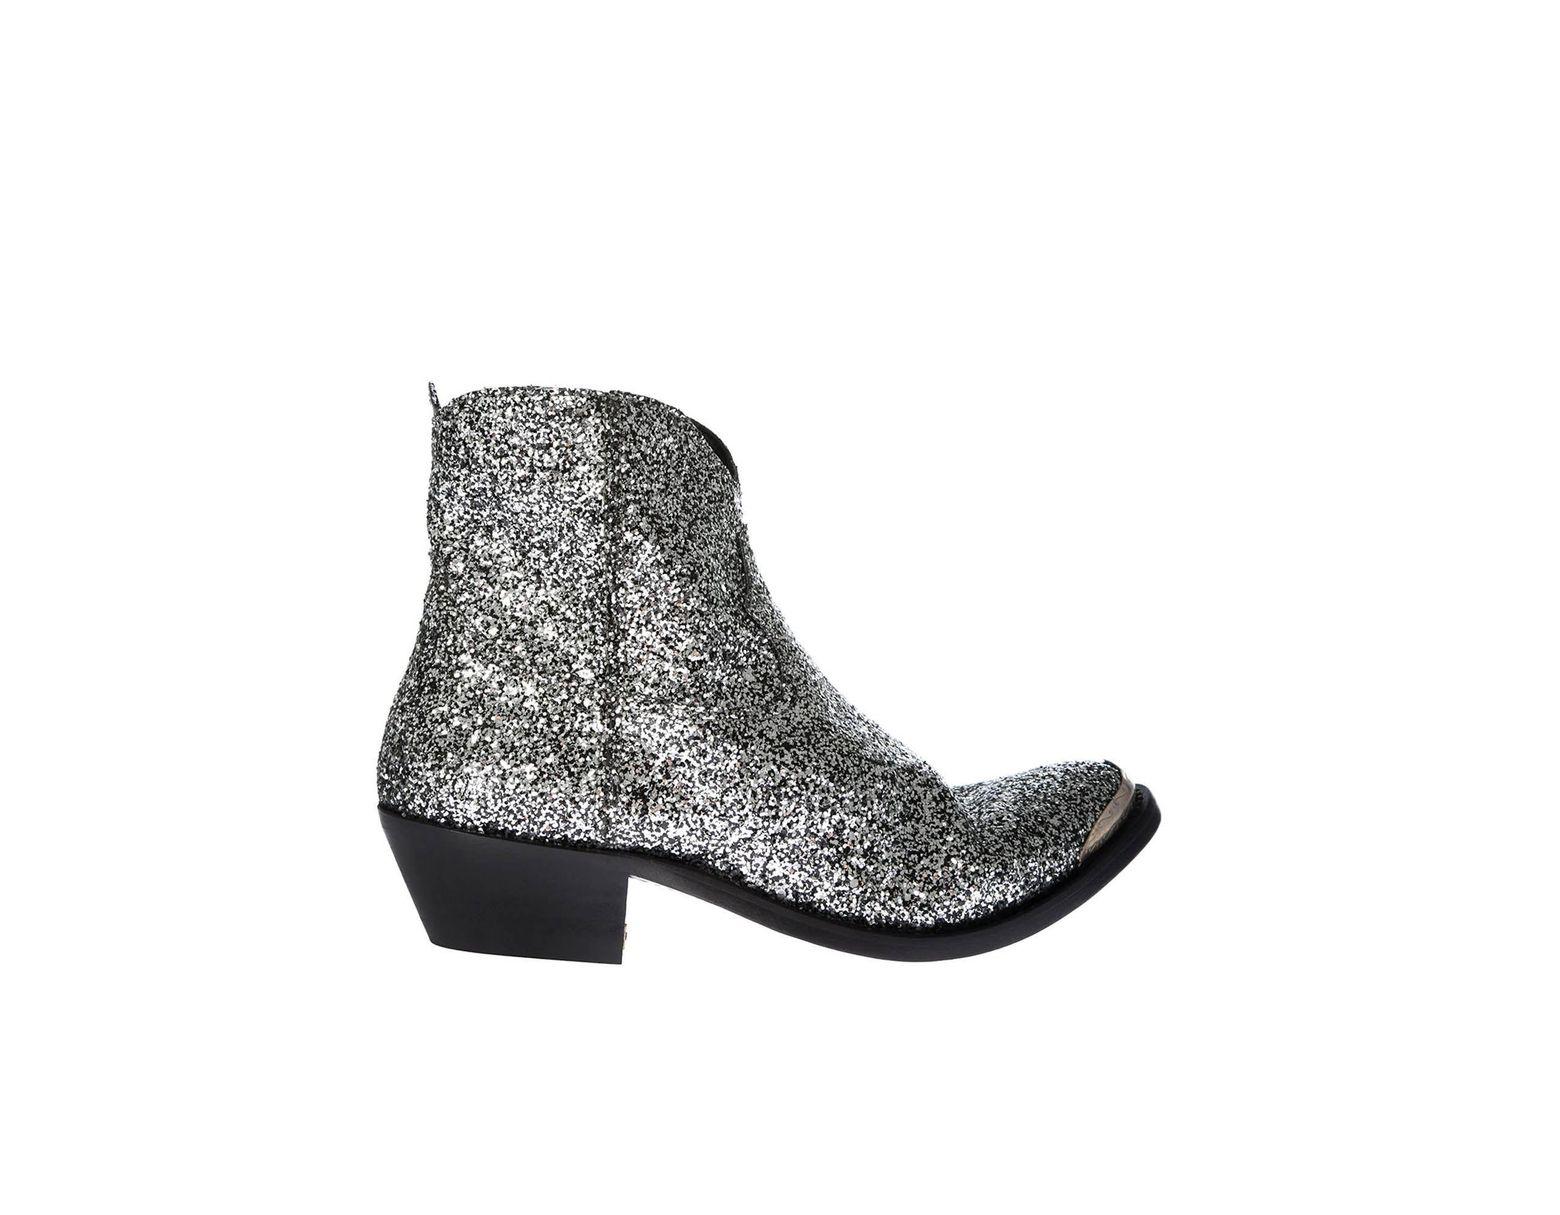 5e9c88fdd3e Women's Metallic Young Silver Boots With Glitter